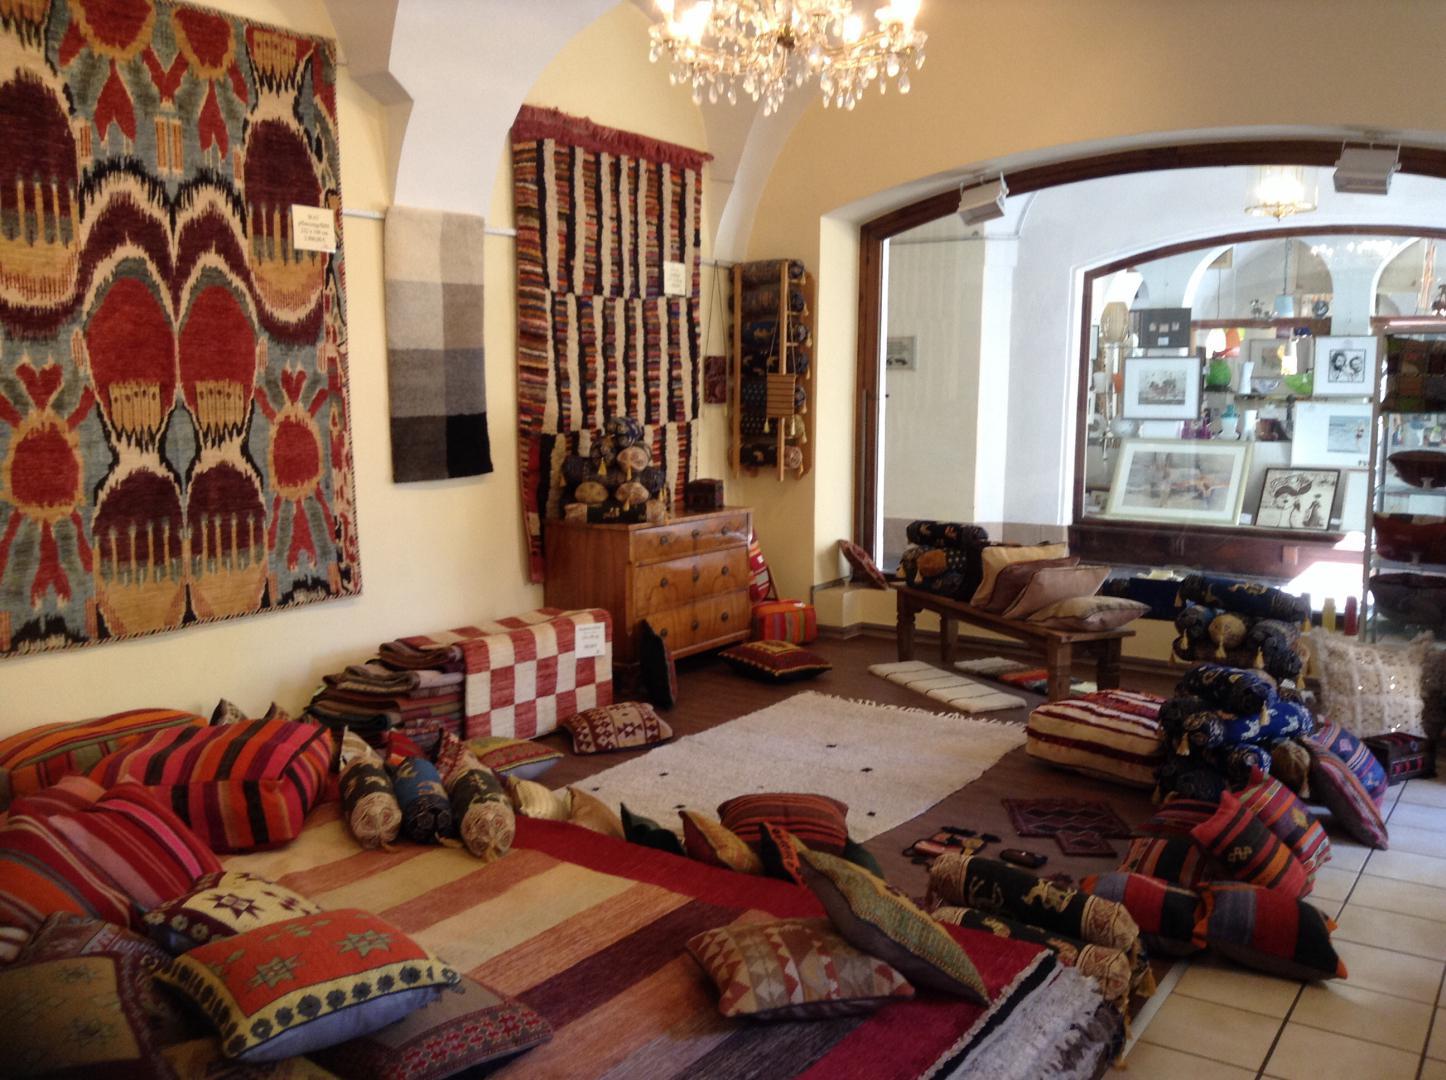 ffnungszeiten kolomann von rauchbauer regensburg. Black Bedroom Furniture Sets. Home Design Ideas